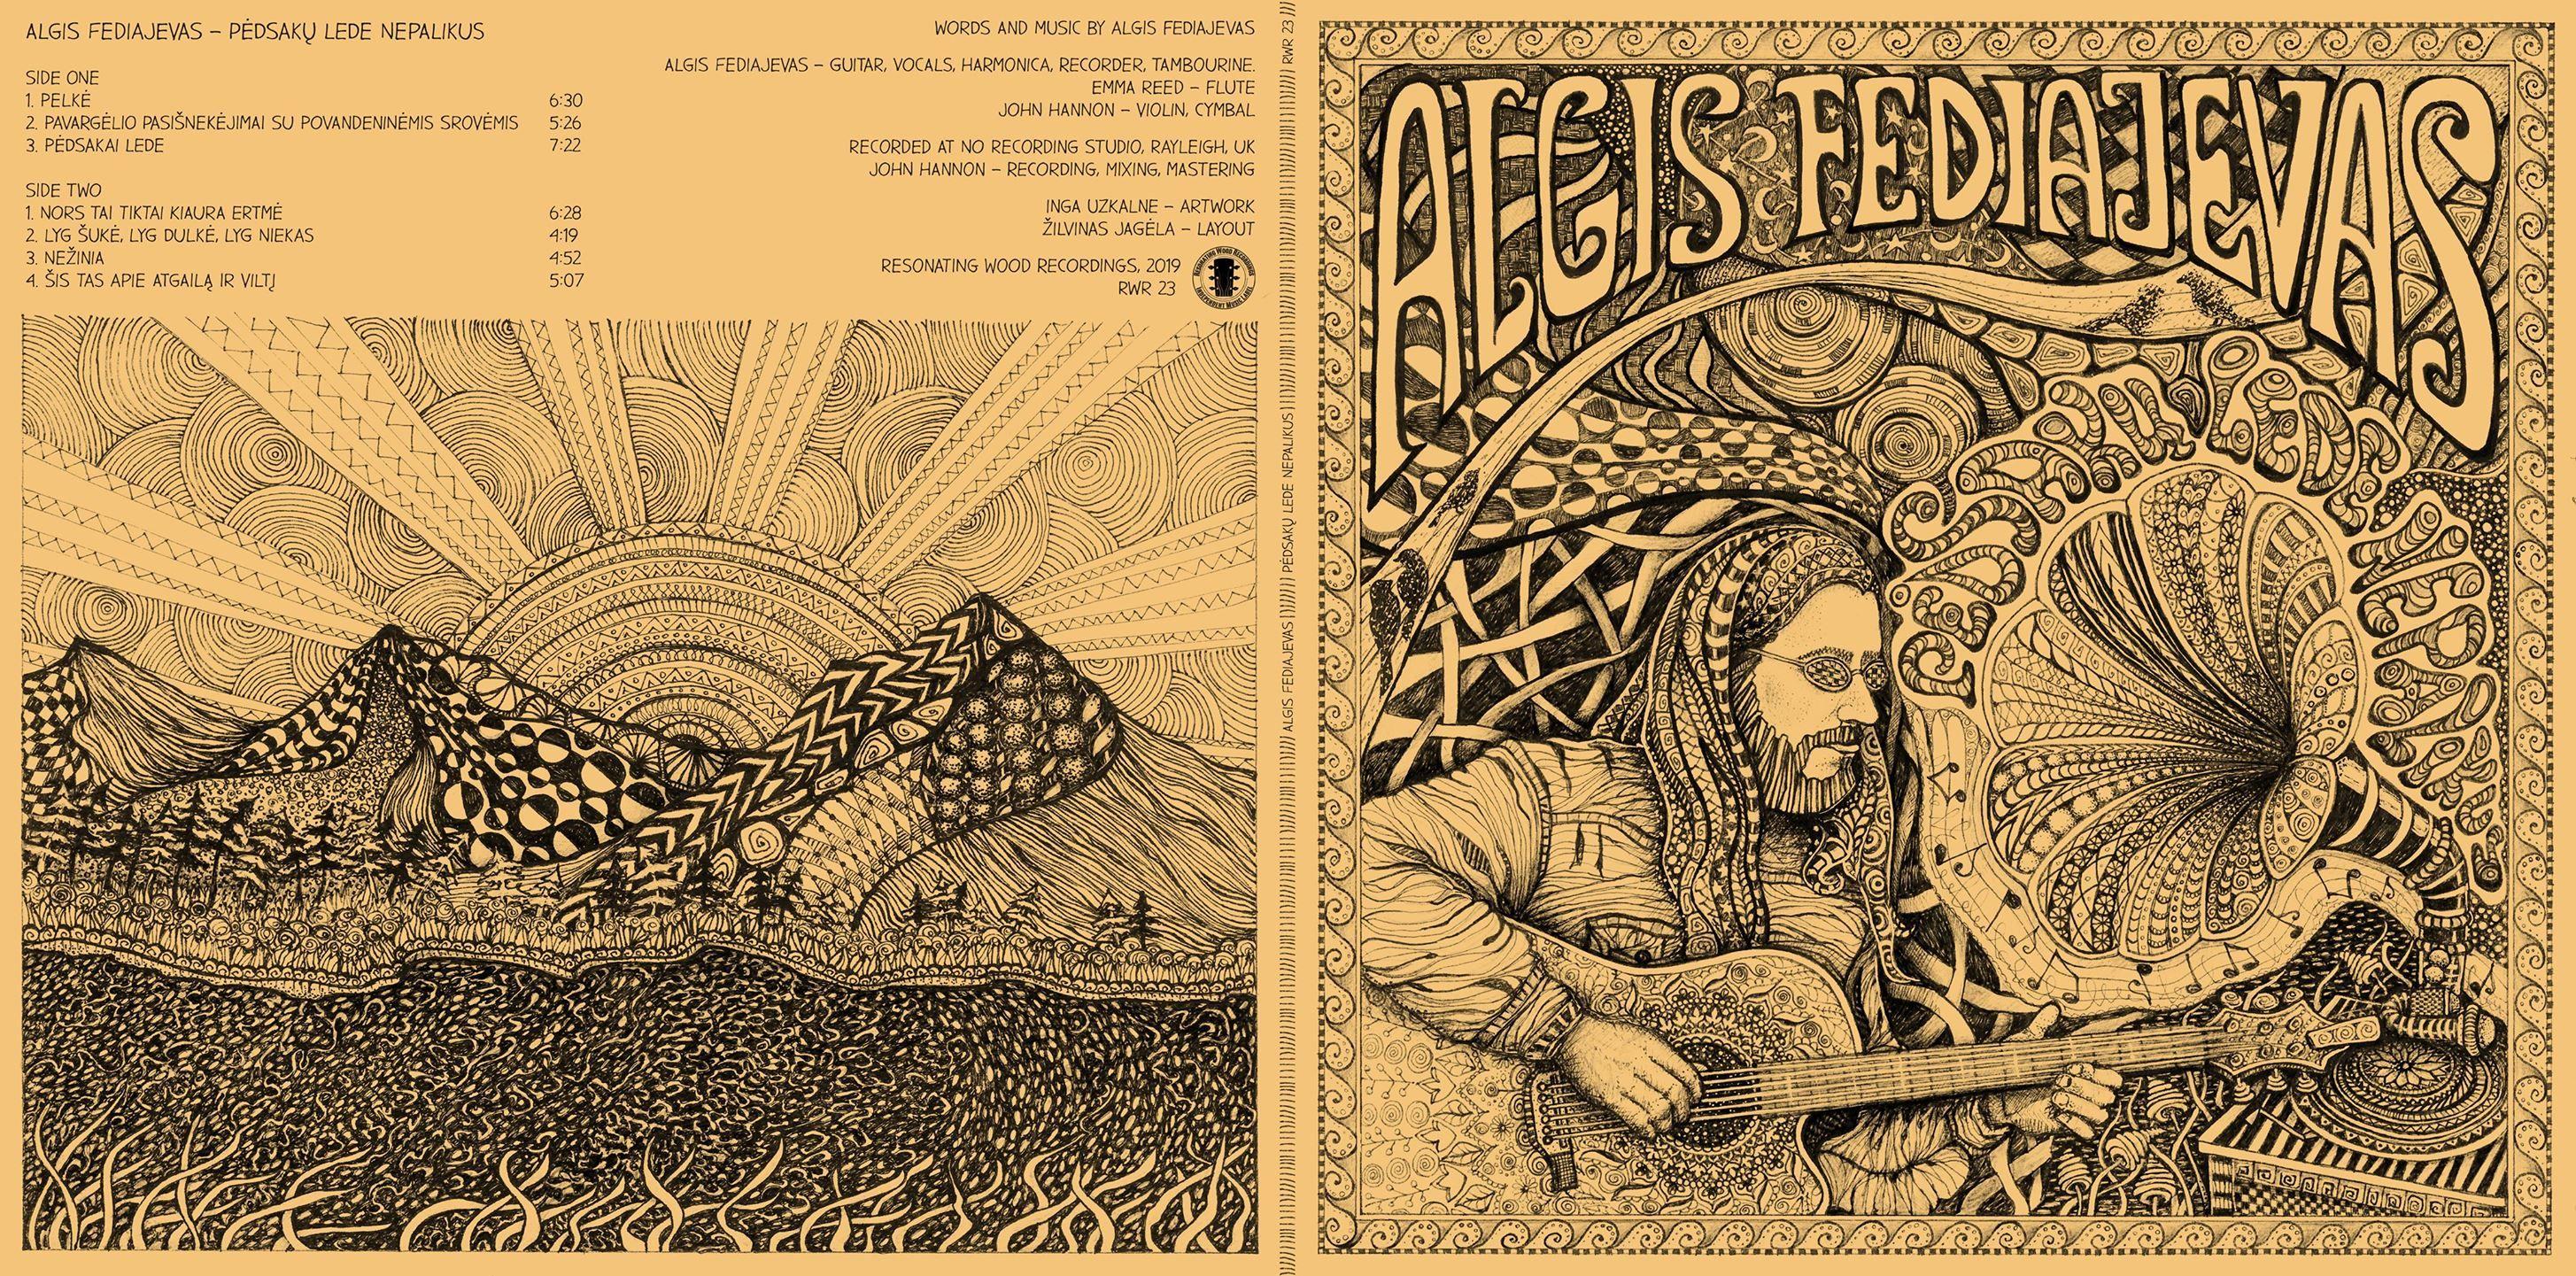 Algio Fediajevo naujo albumo pristatymas Anykščiuose